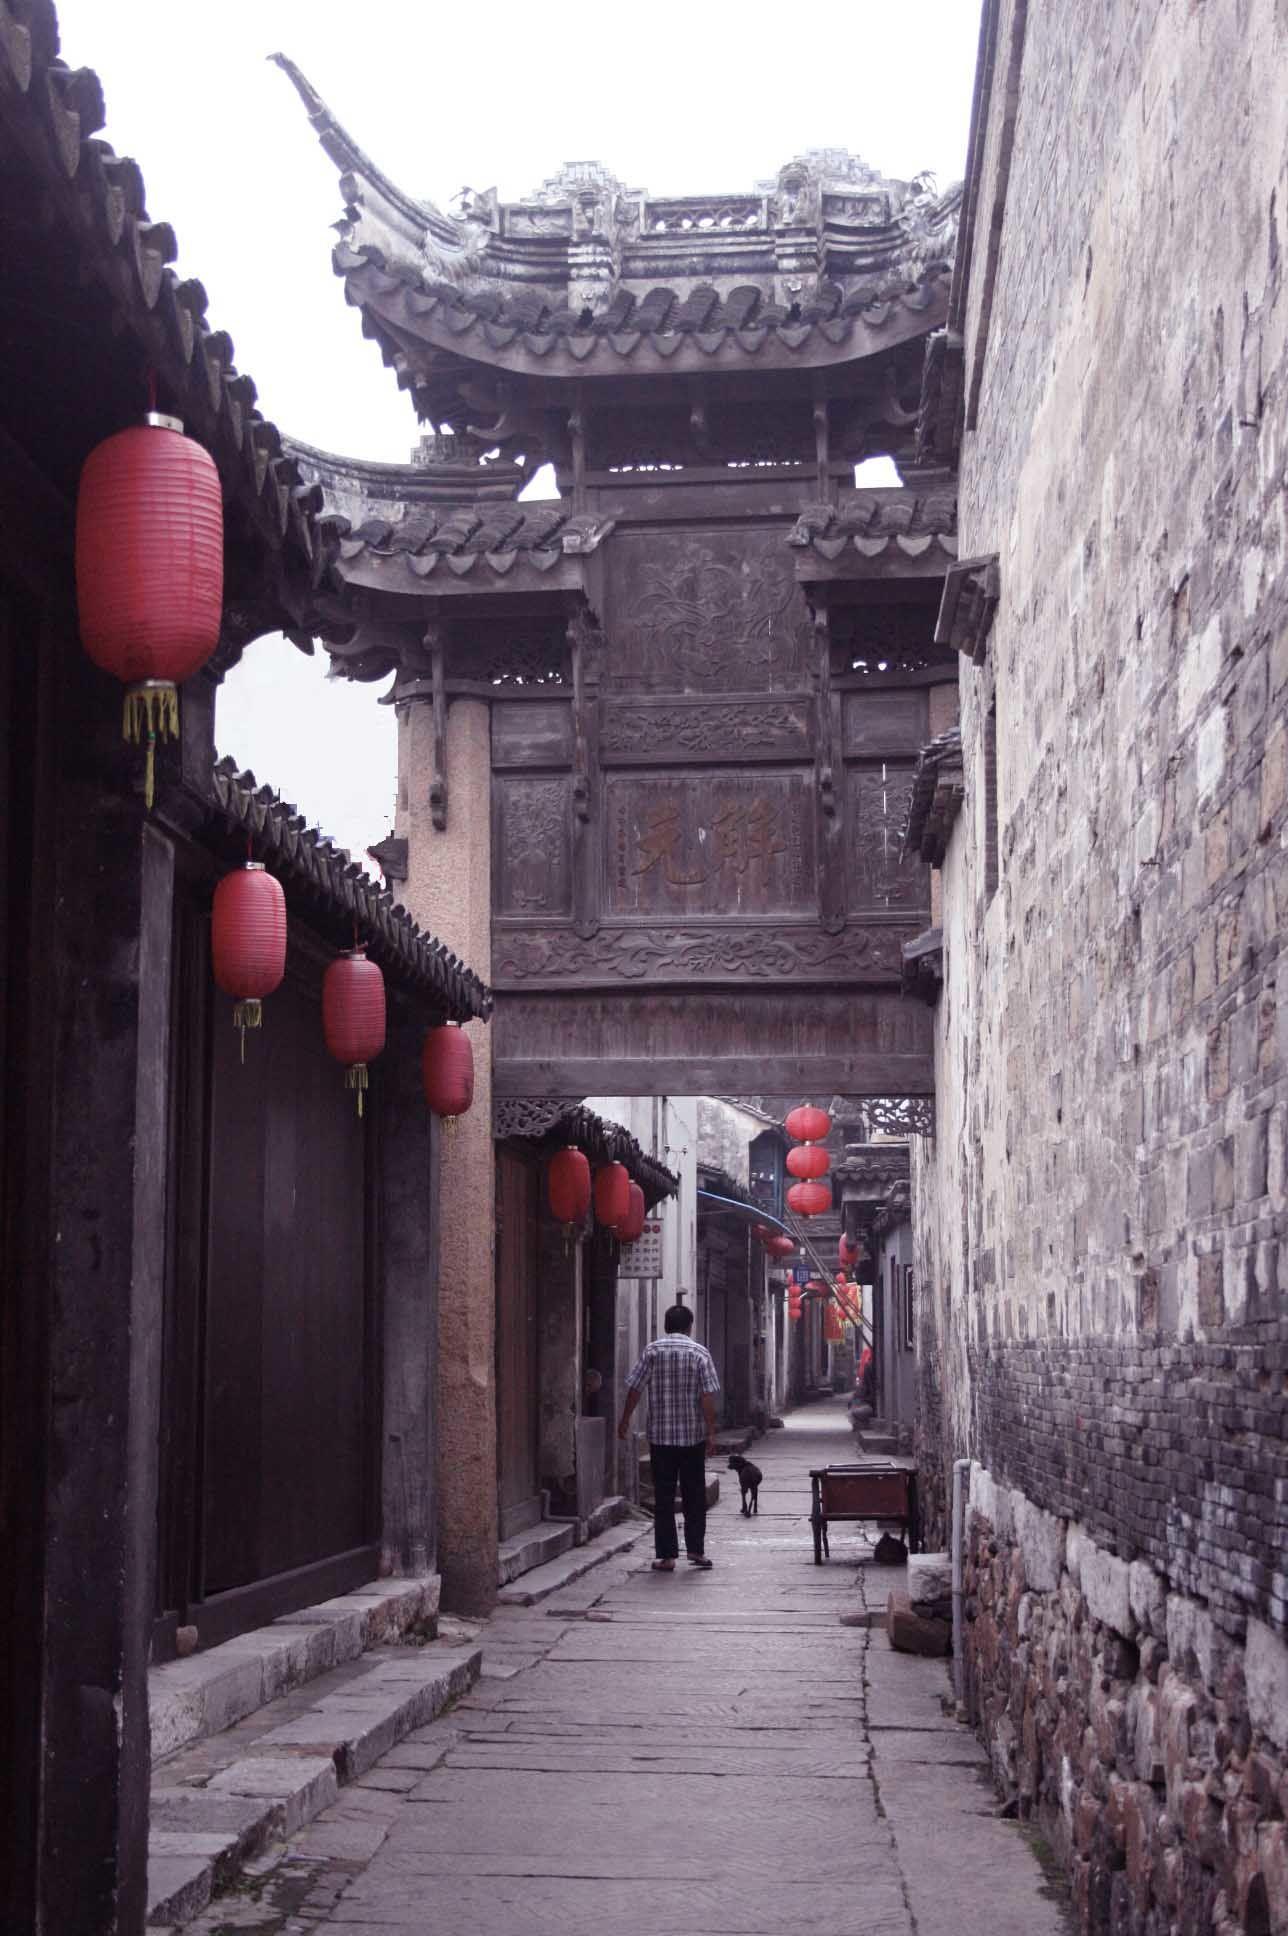 上海郊外の古鎮 old canal town outside shanghai